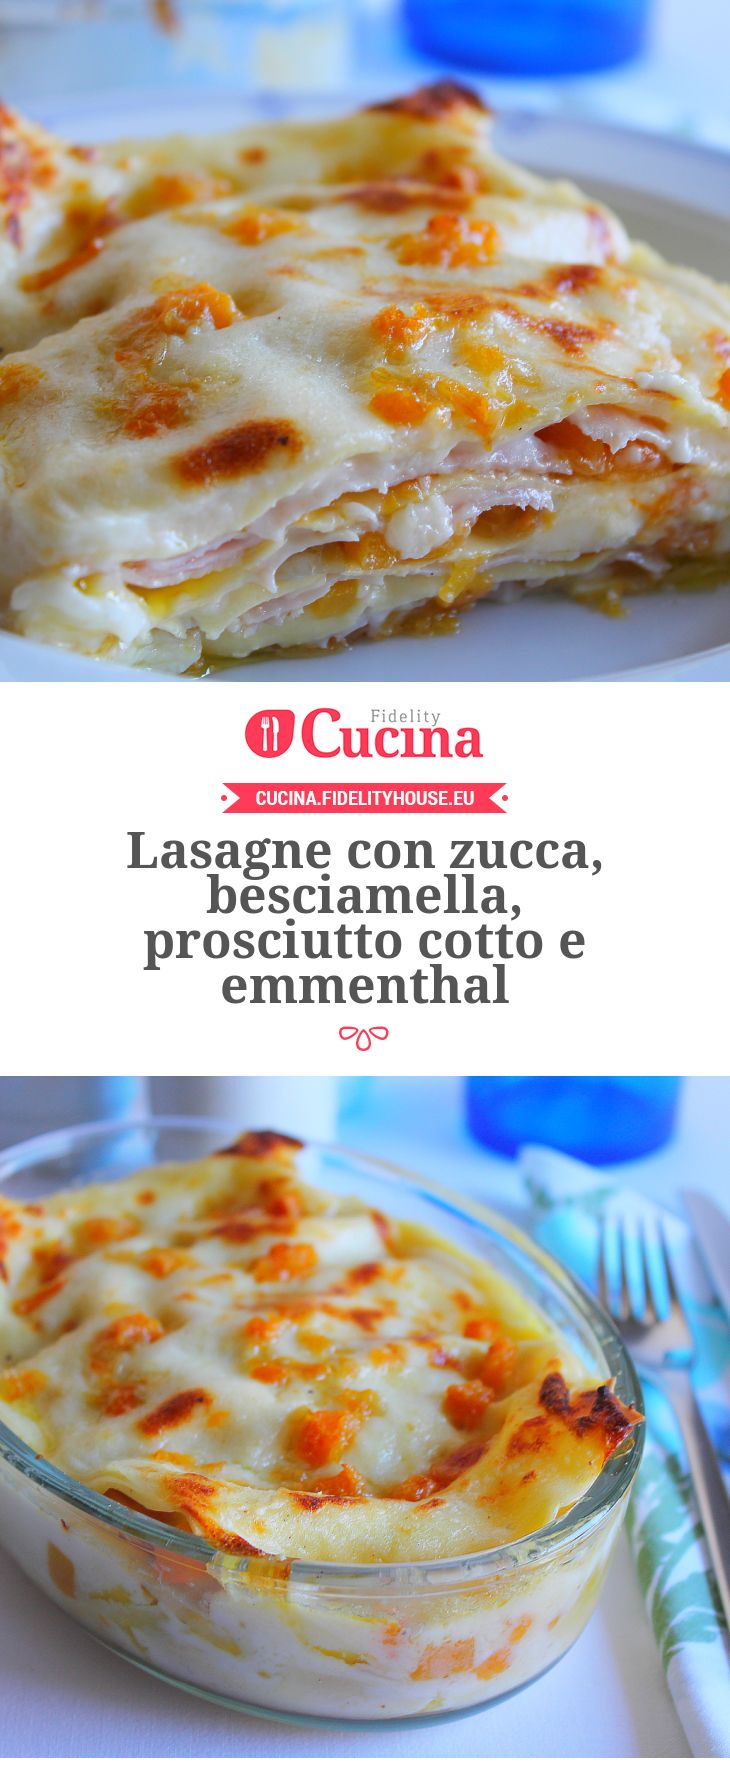 Lasagne con zucca, besciamella, prosciutto cotto e emmenthal